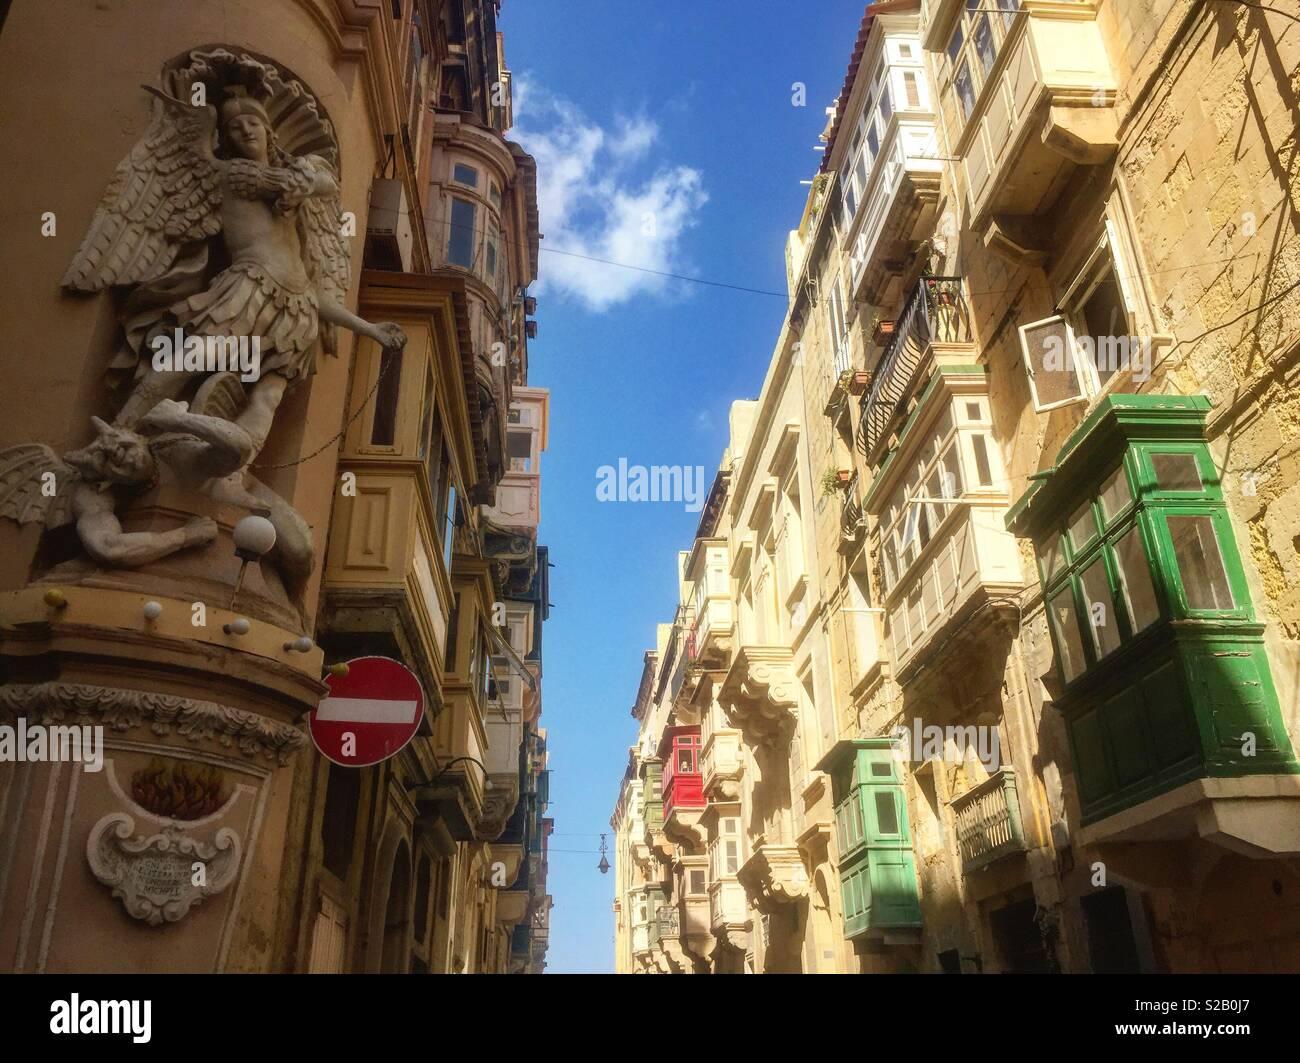 La Valette, Malte. Les villes européennes. Photo Stock